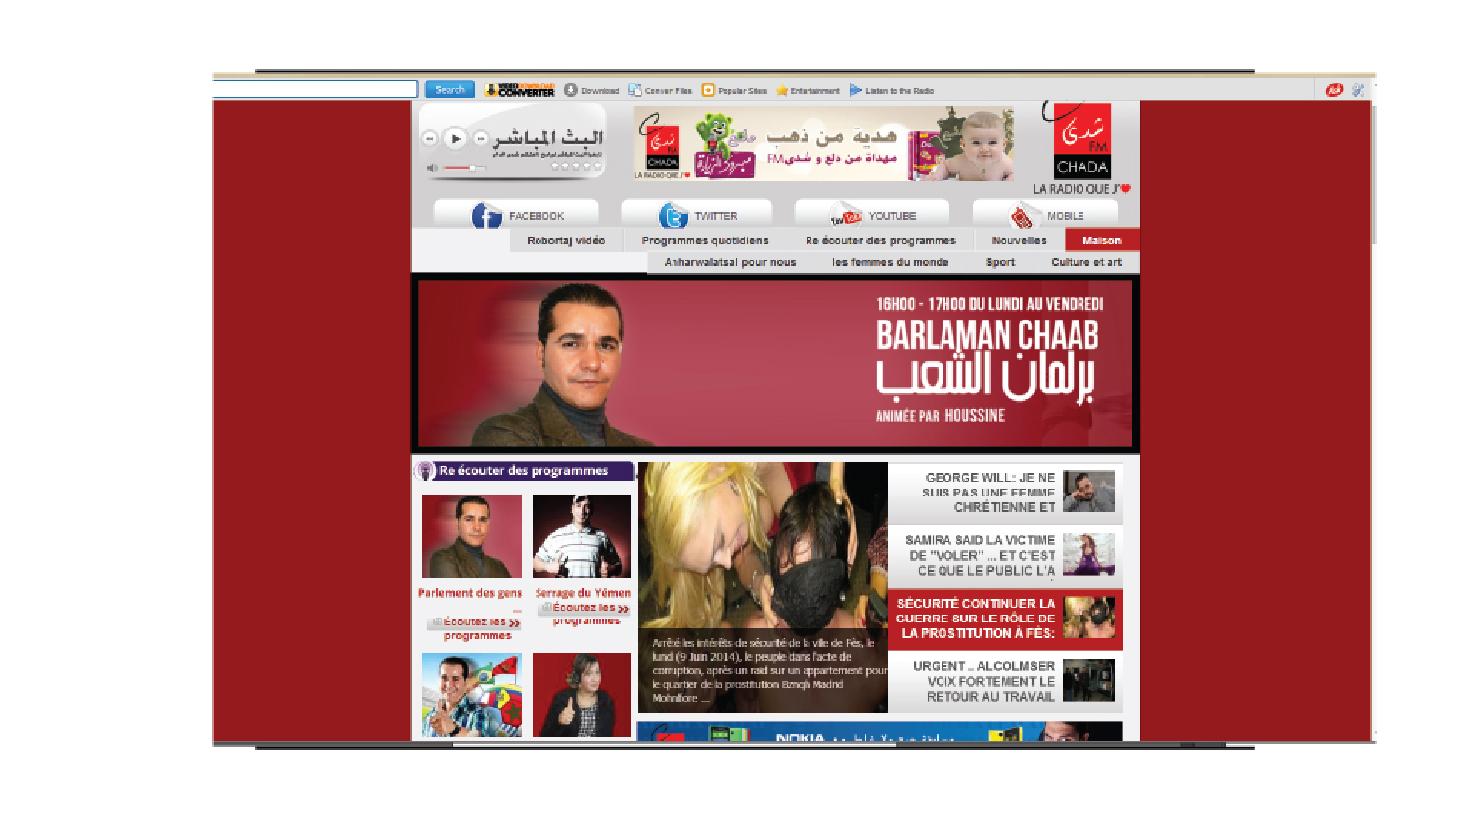 Retrouver tous nos programmes online: Les nouvelles, Réécouter des programmes, les programmes quotidiens, Robortaj vidéo